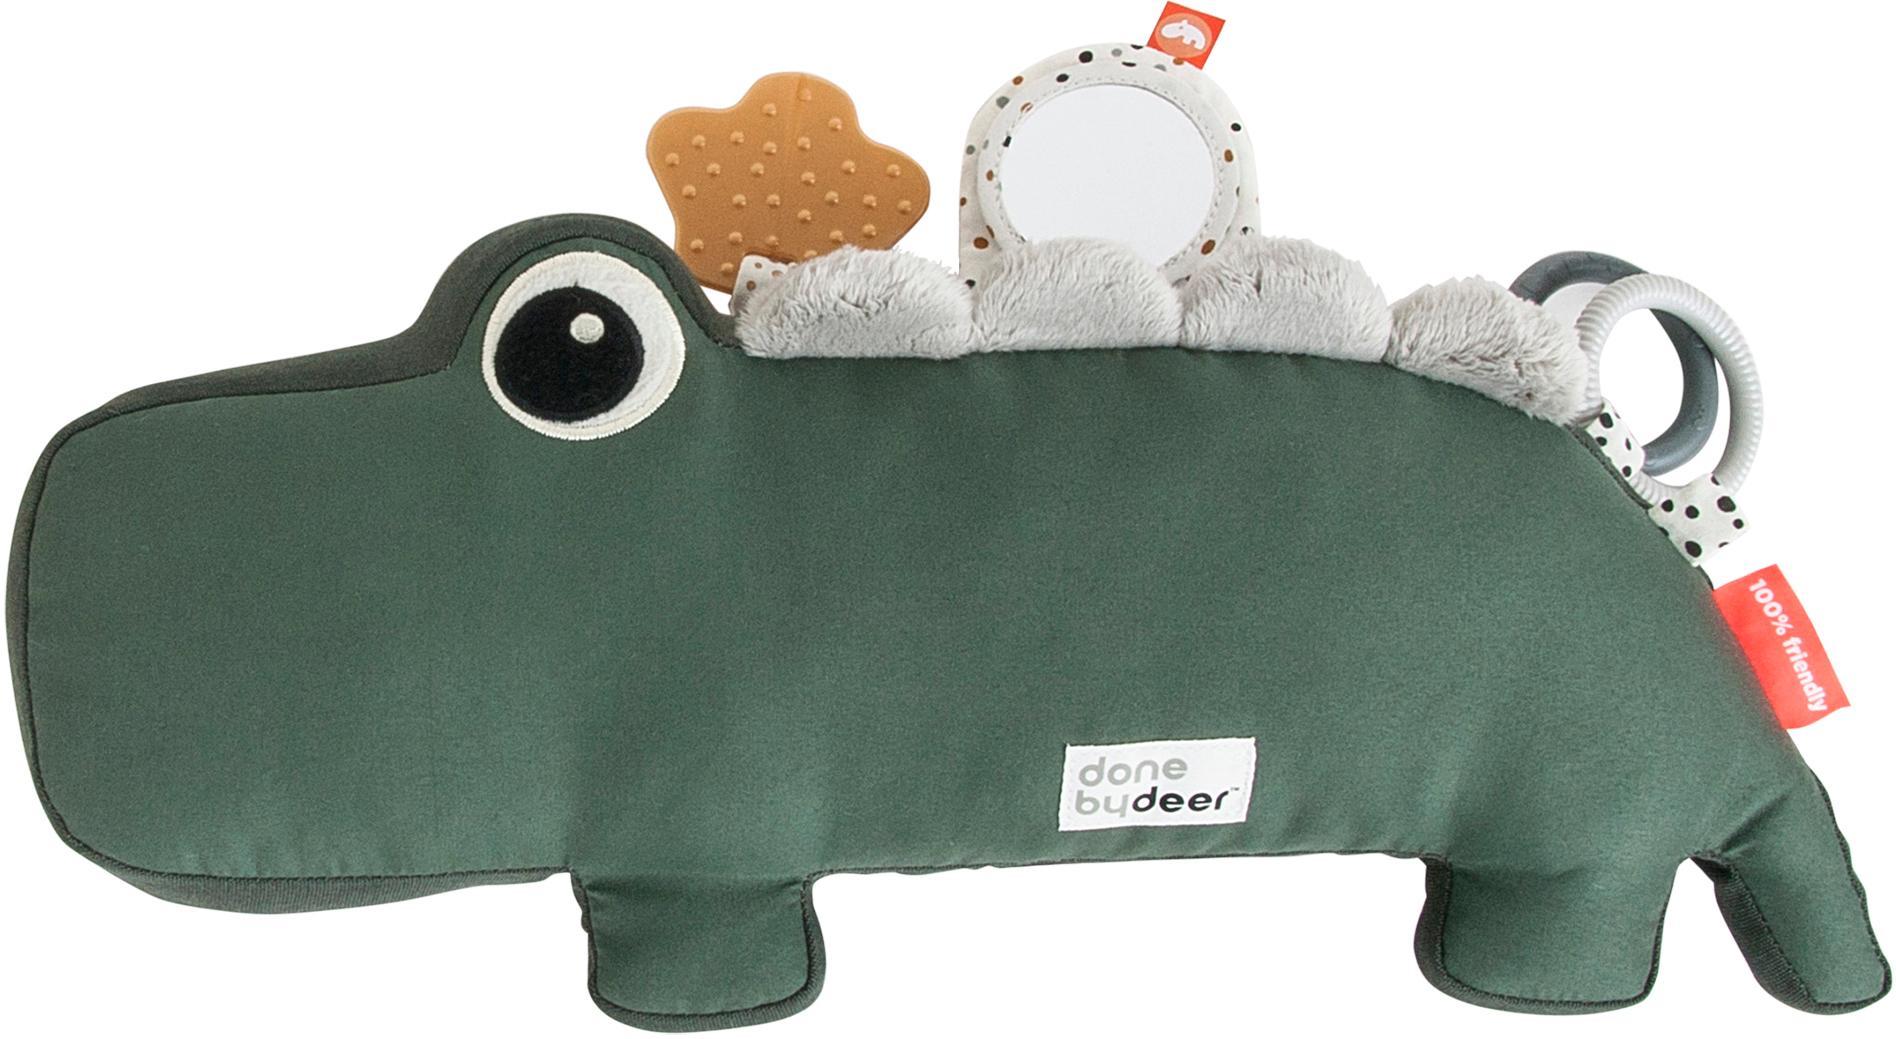 Zabawka Tummy Time Croco, Tapicerka: 50% bawełna, 50% polieste, Zielony, S 41 x W 18 cm